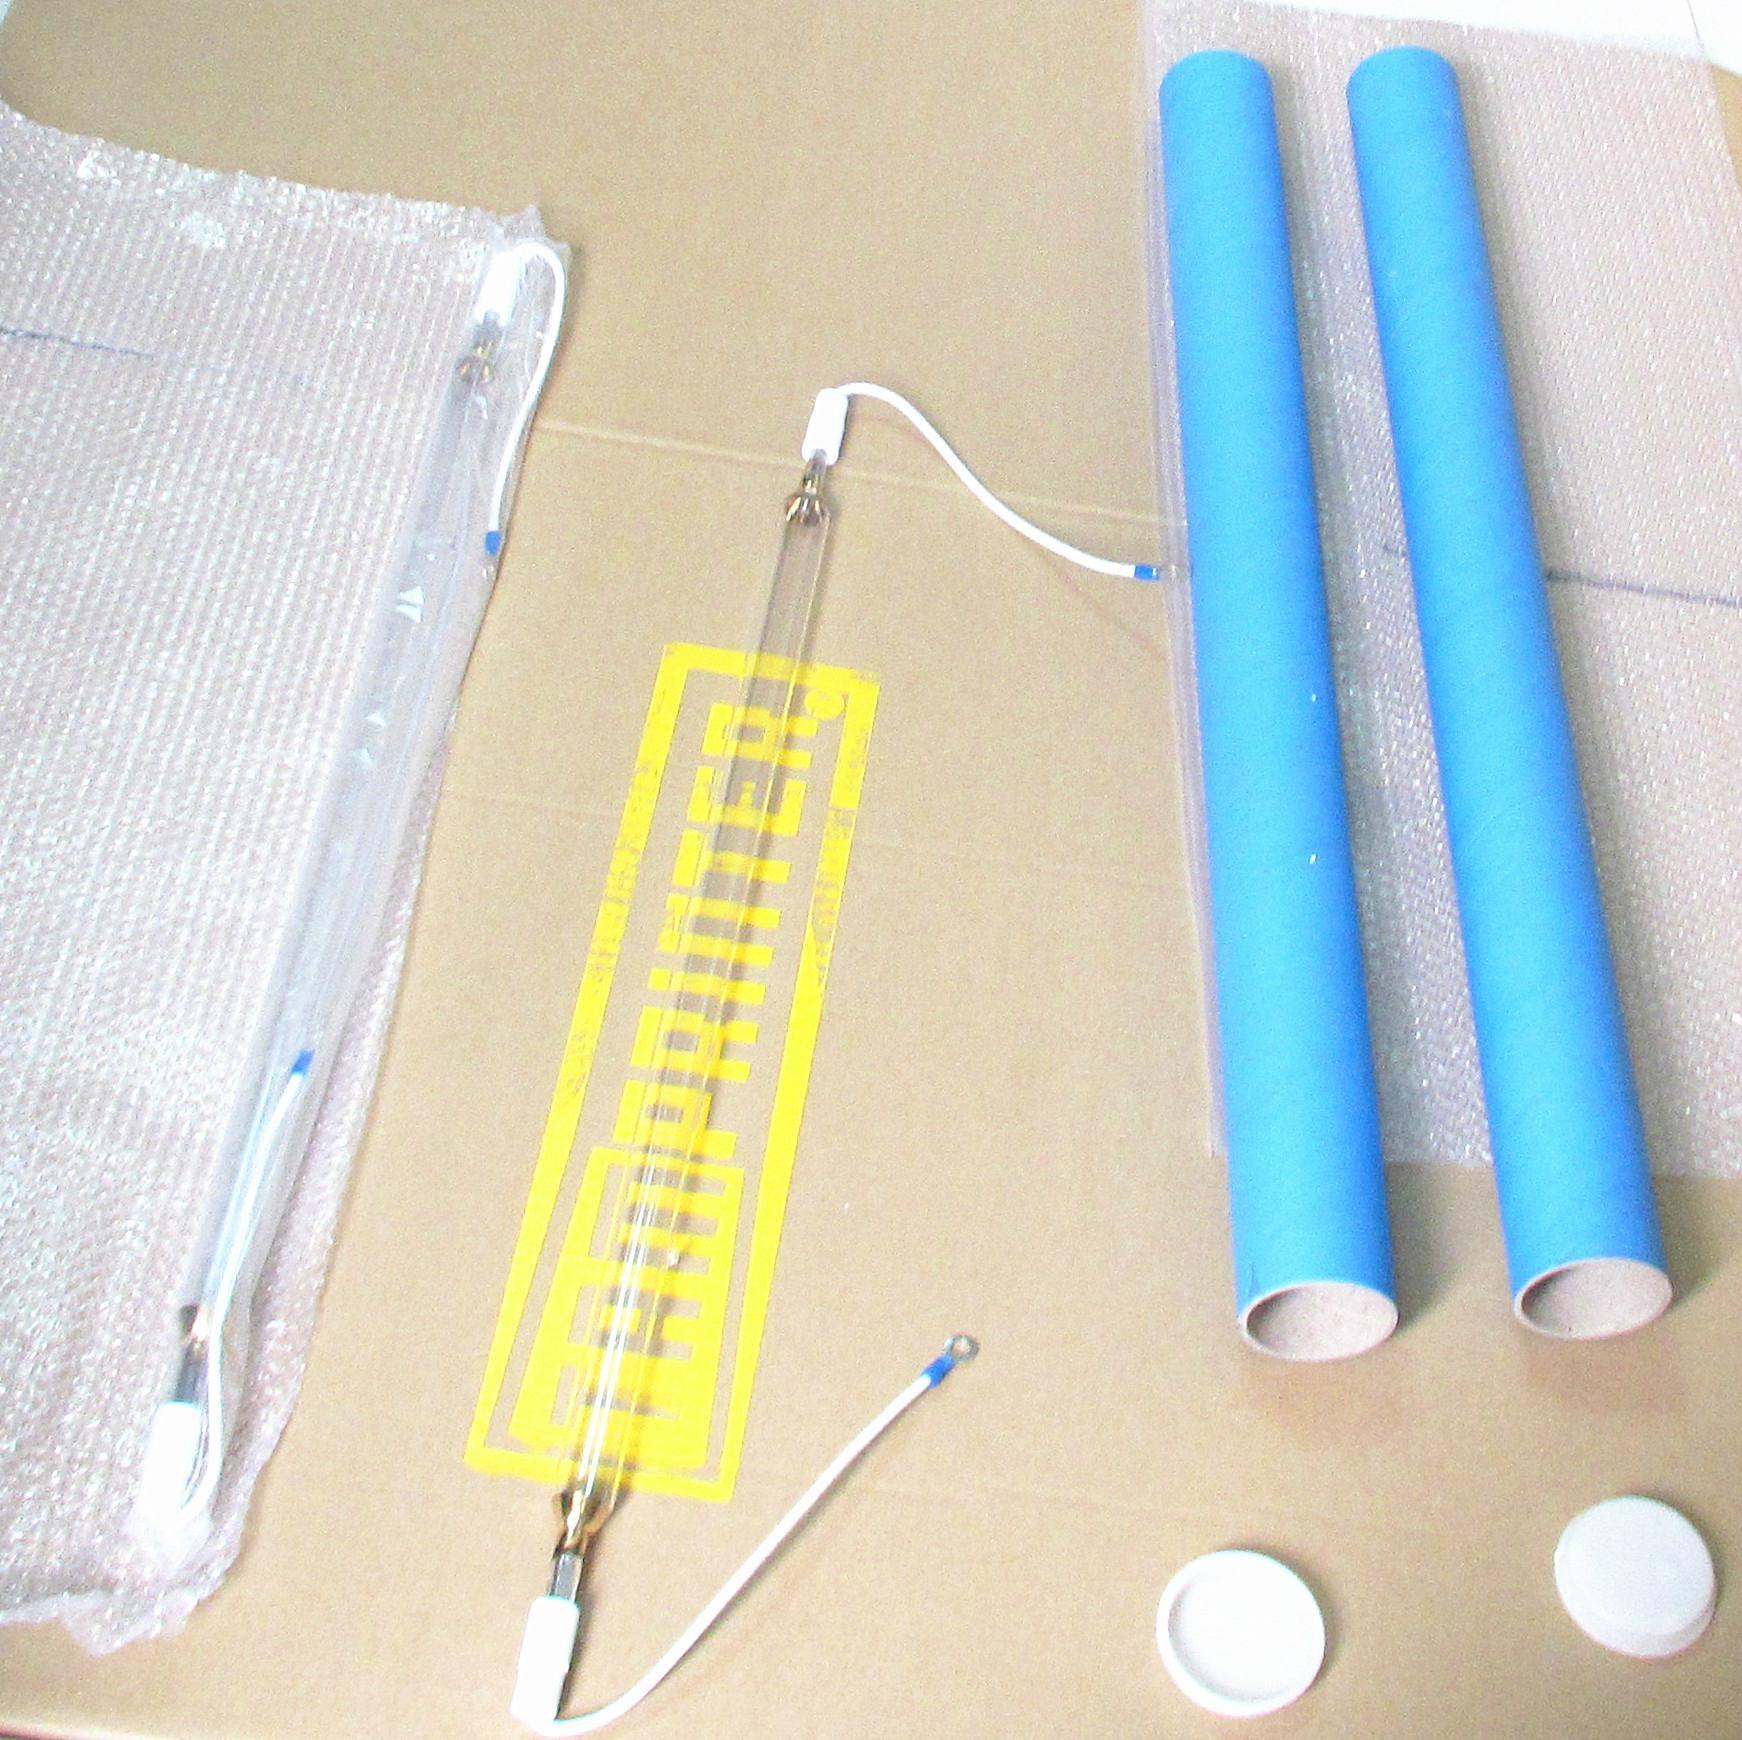 碘鎵燈晒版燈鎮流器變壓器和熱觸發器UV汞燈 8